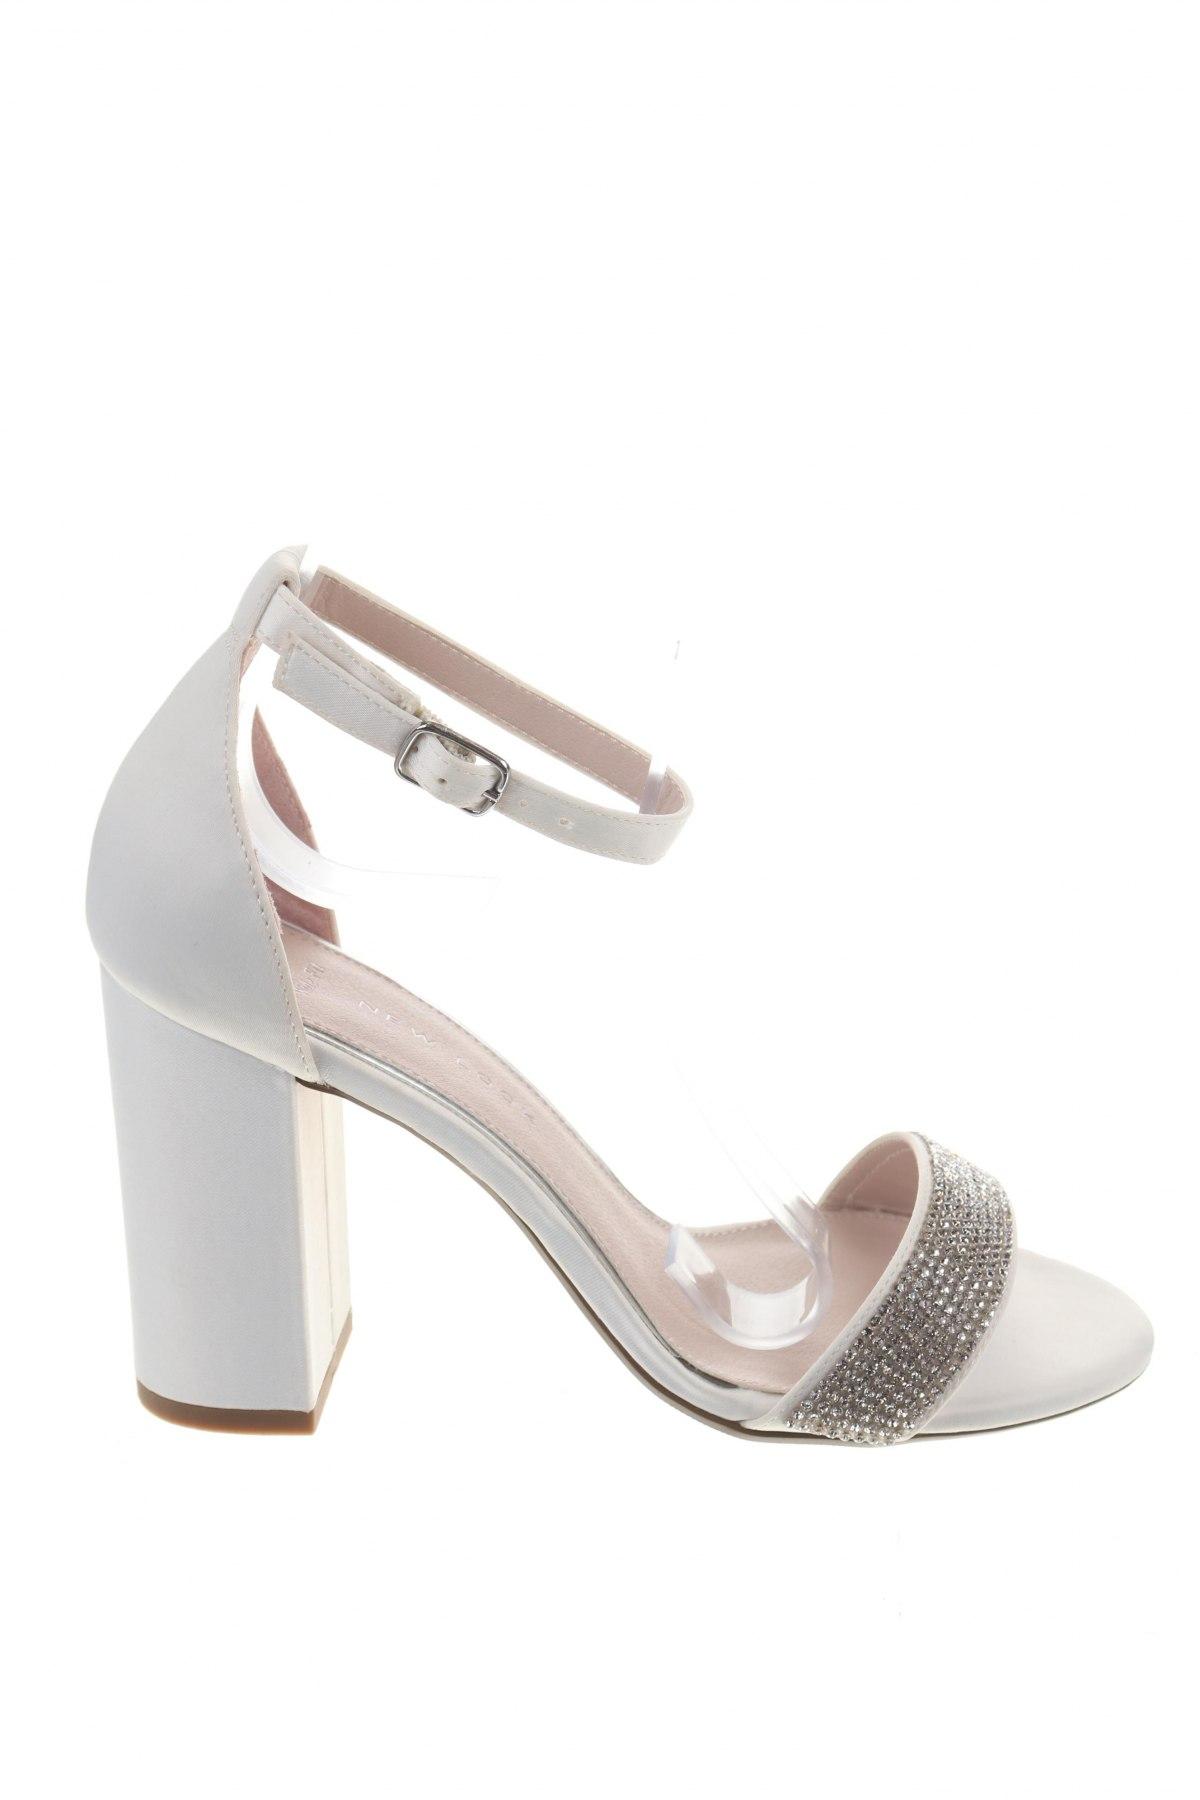 Σανδάλια New Look, Μέγεθος 36, Χρώμα Λευκό, Κλωστοϋφαντουργικά προϊόντα, Τιμή 14,65€